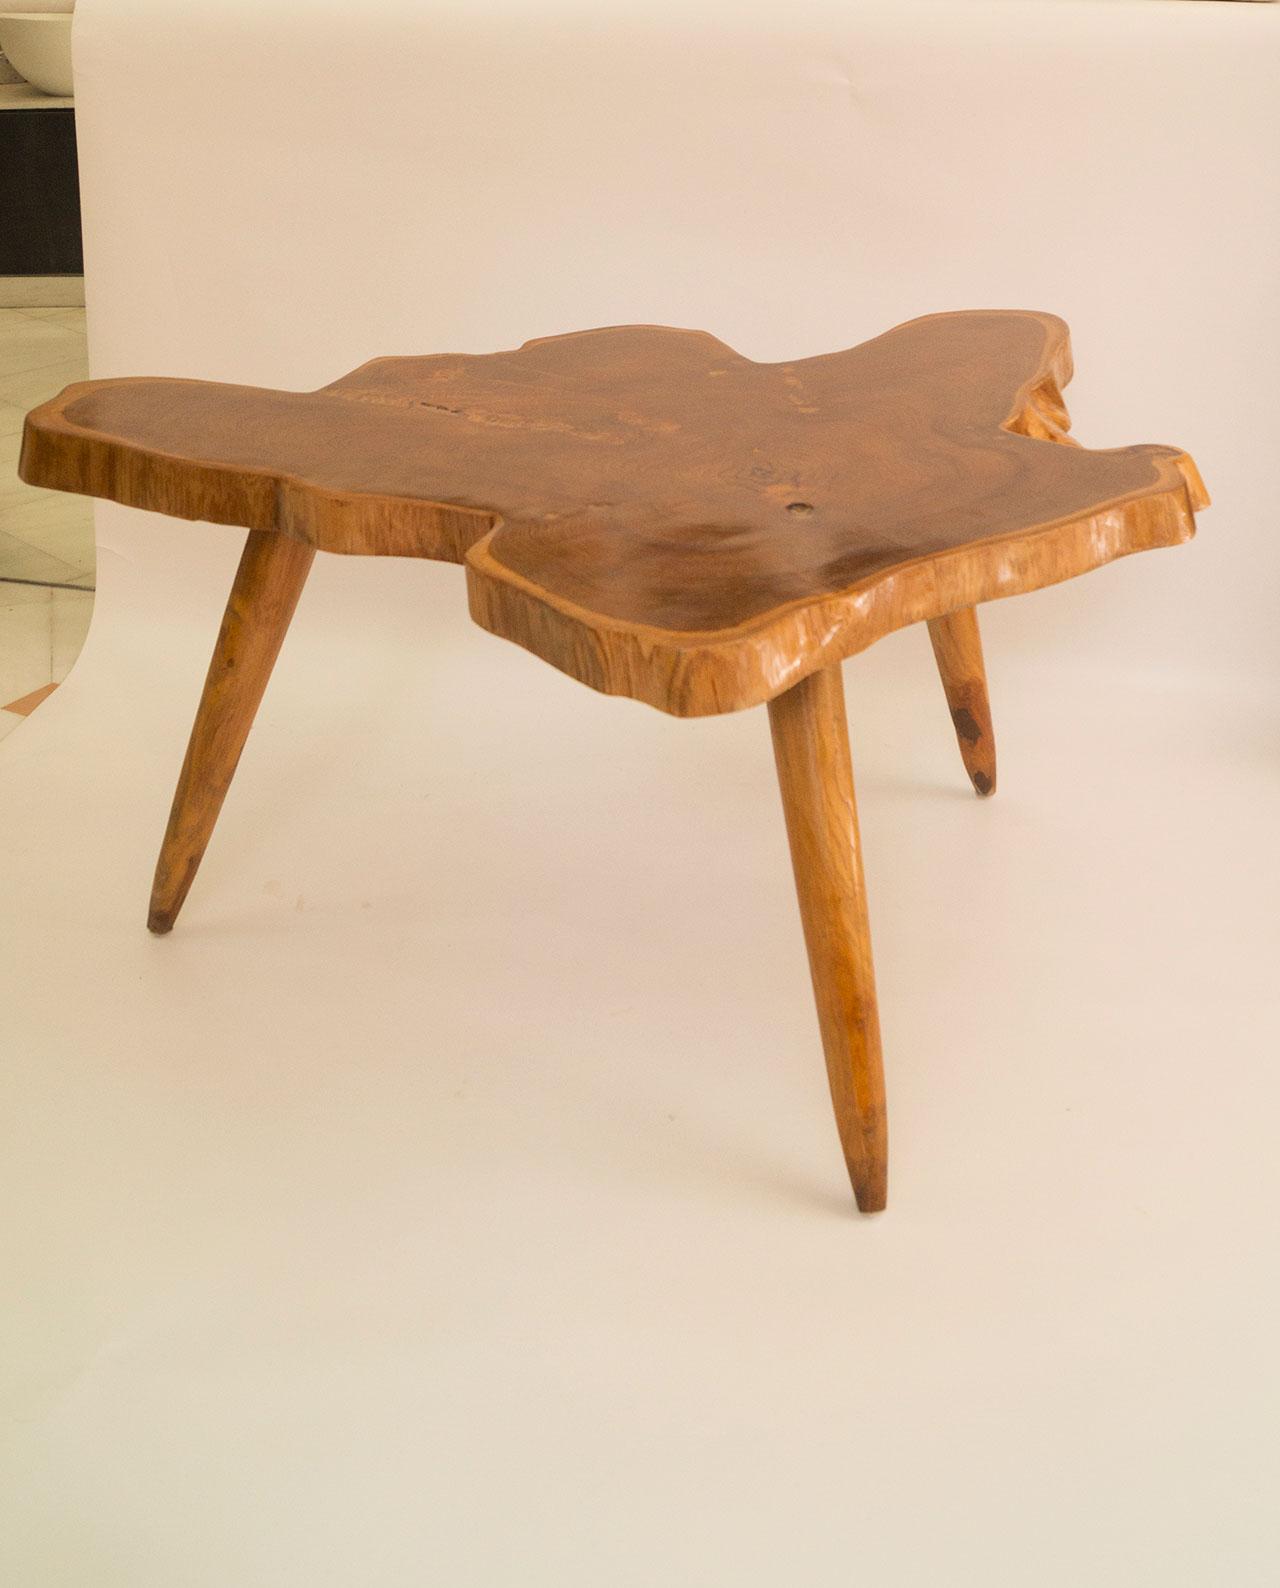 Τραπέζι ξύλο Τικ ύψος 48 cm